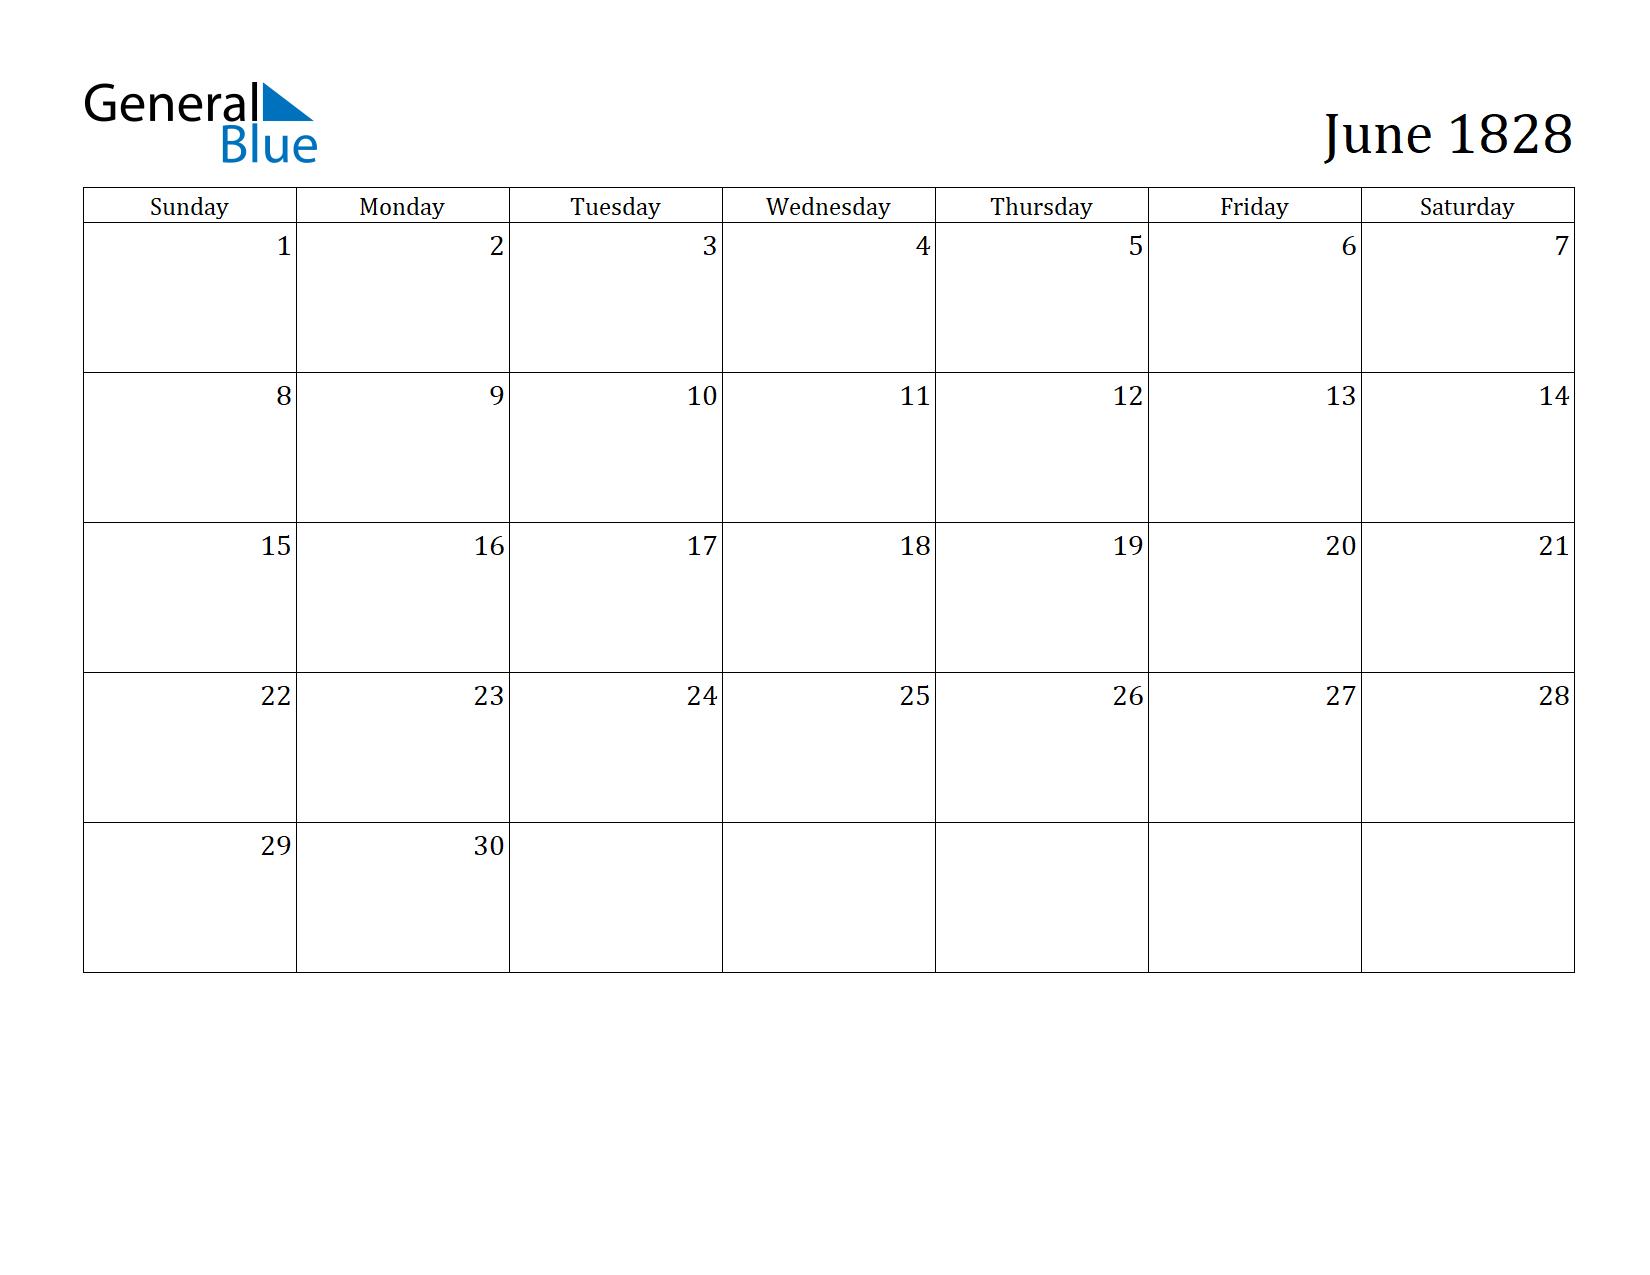 Image of June 1828 Calendar